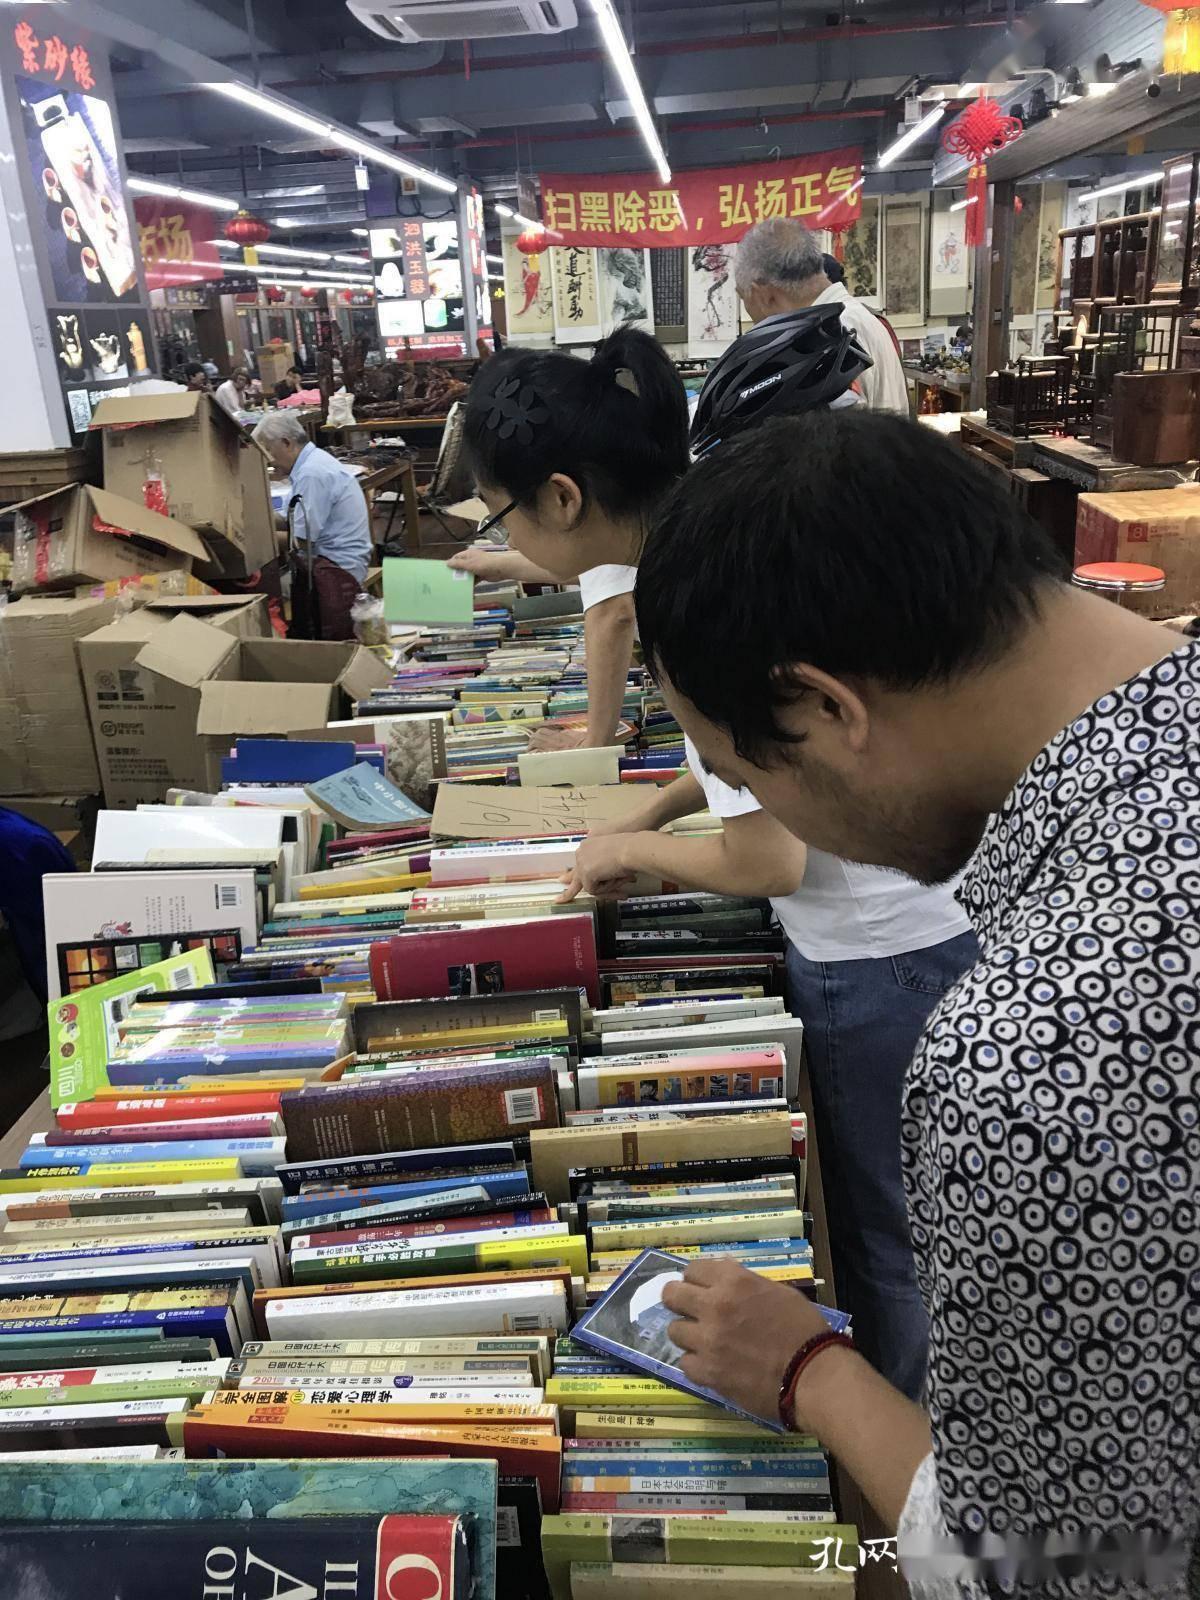 大隐隐于市——上海城隍庙豫园商圈的地下书市